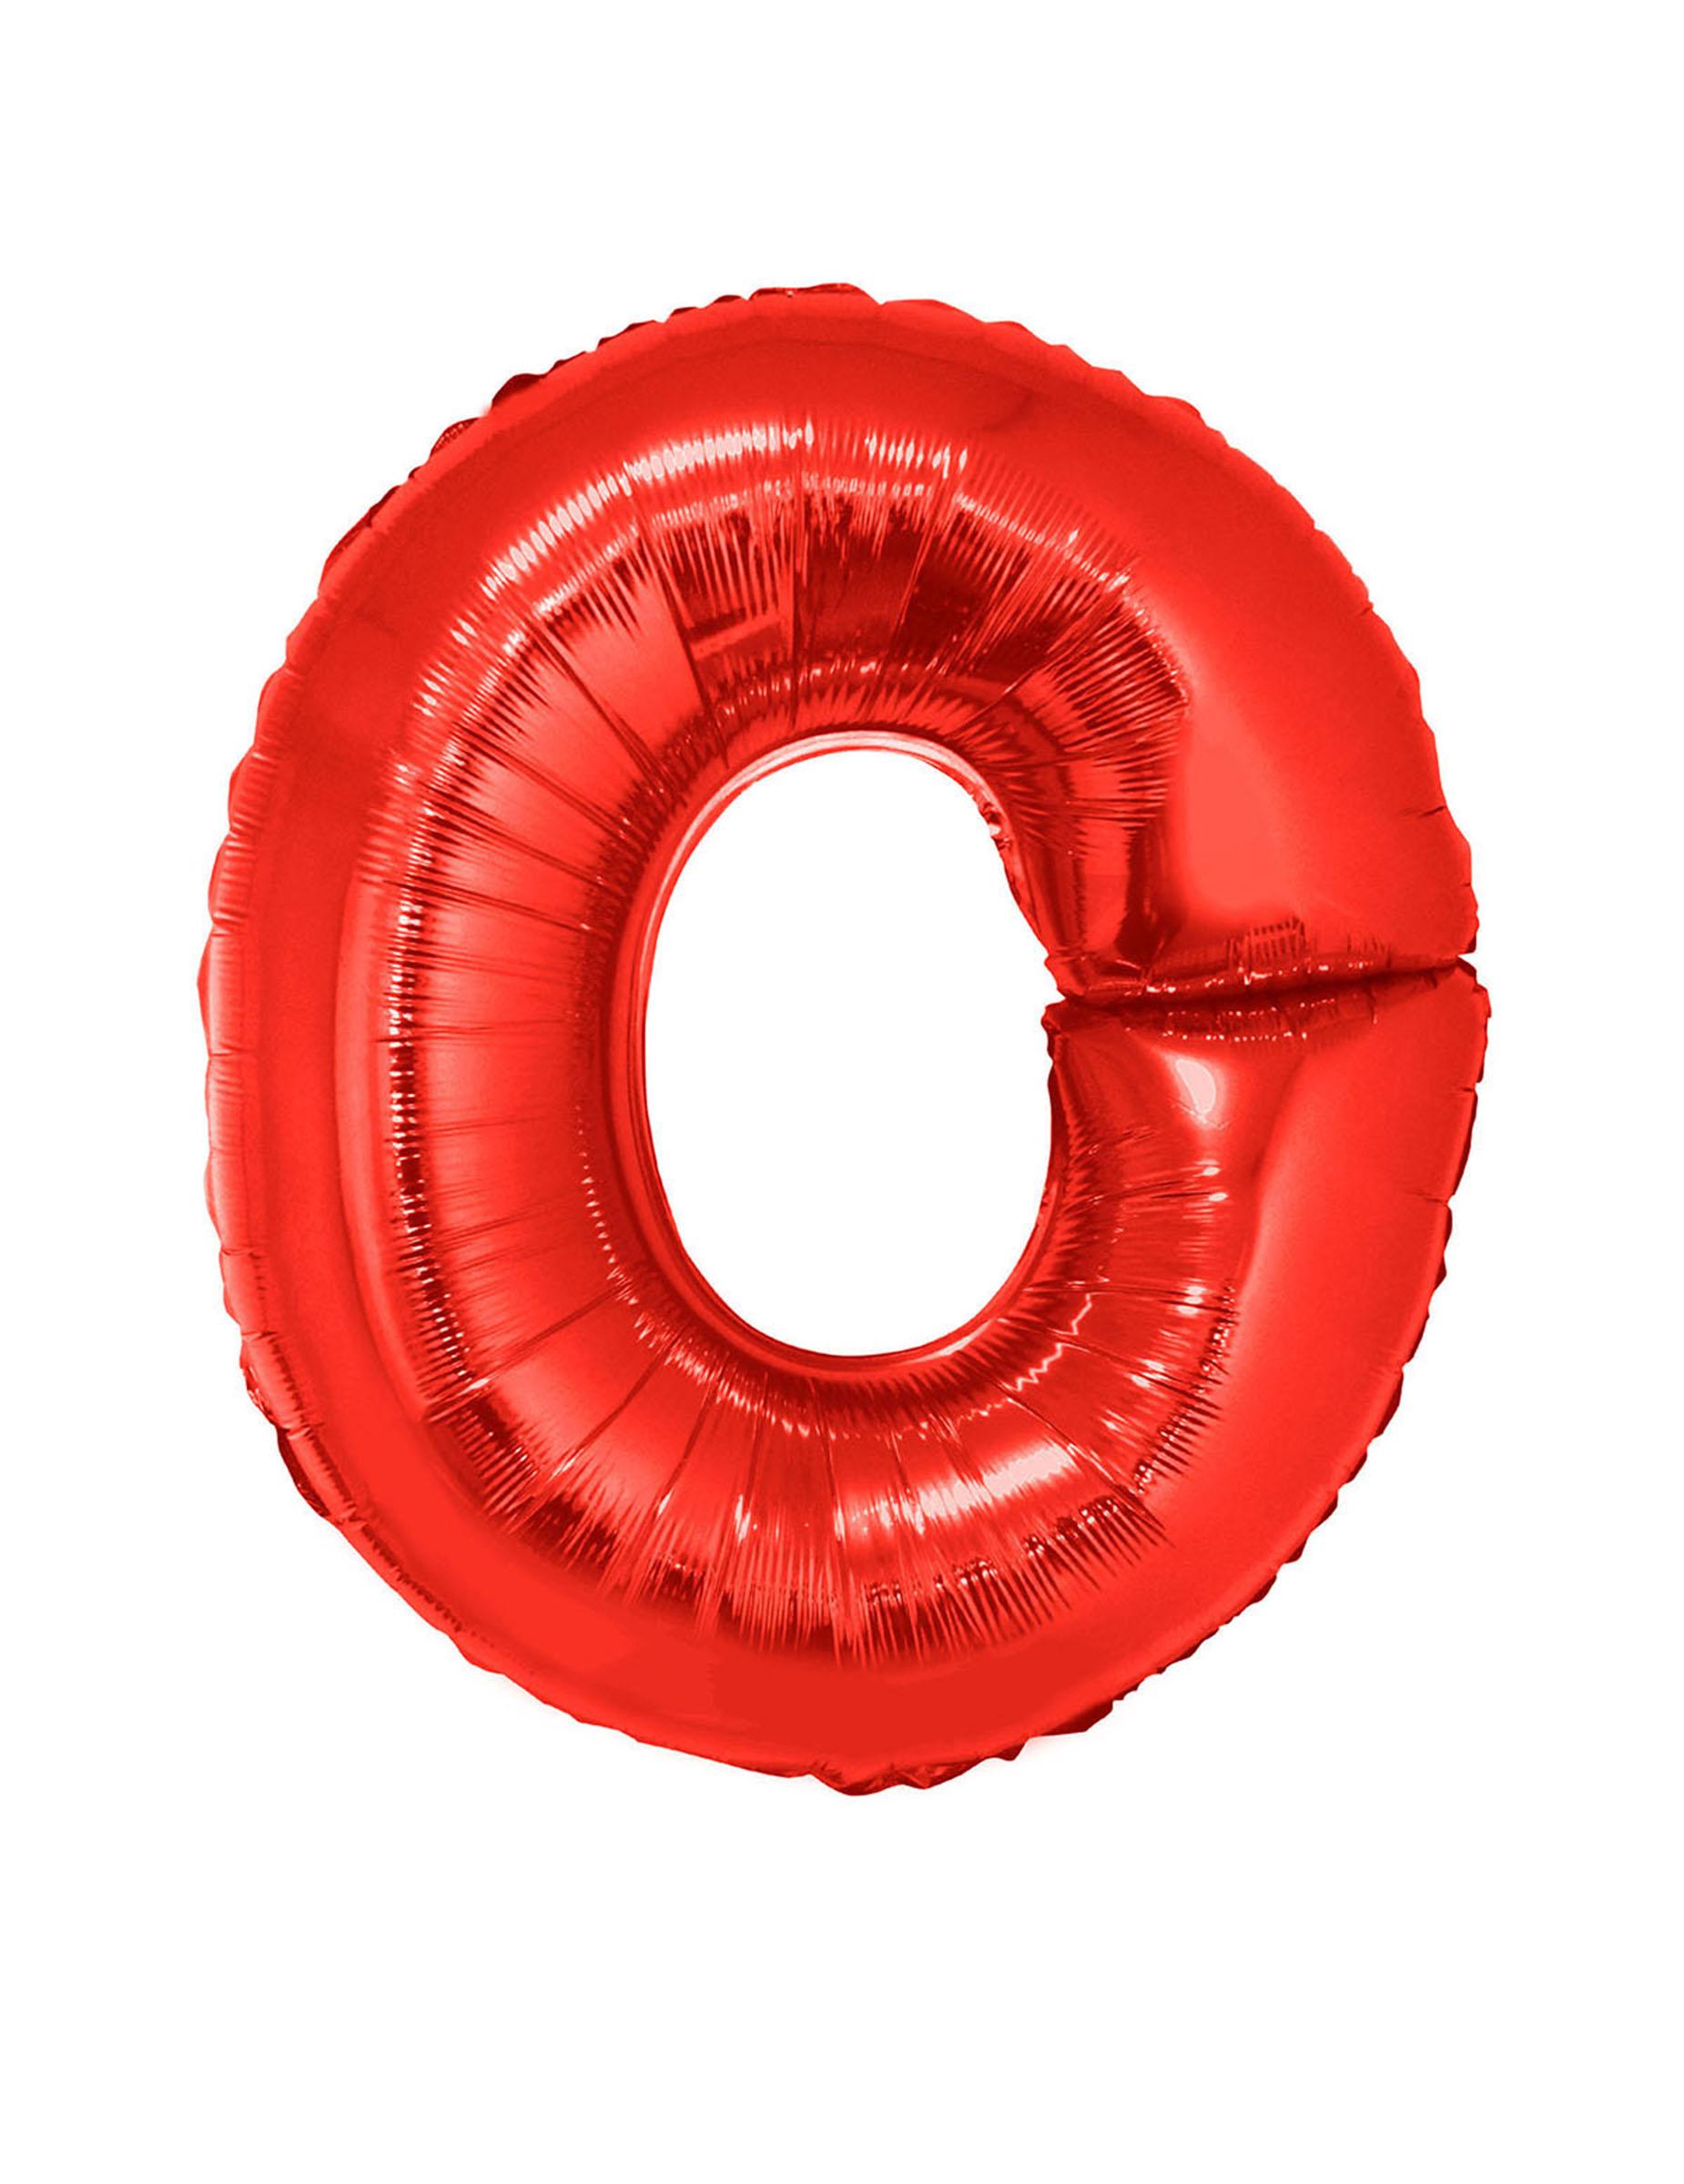 Bokstaven O - Aluminiumballong i rött 102 cm ff59bf4dd64e5